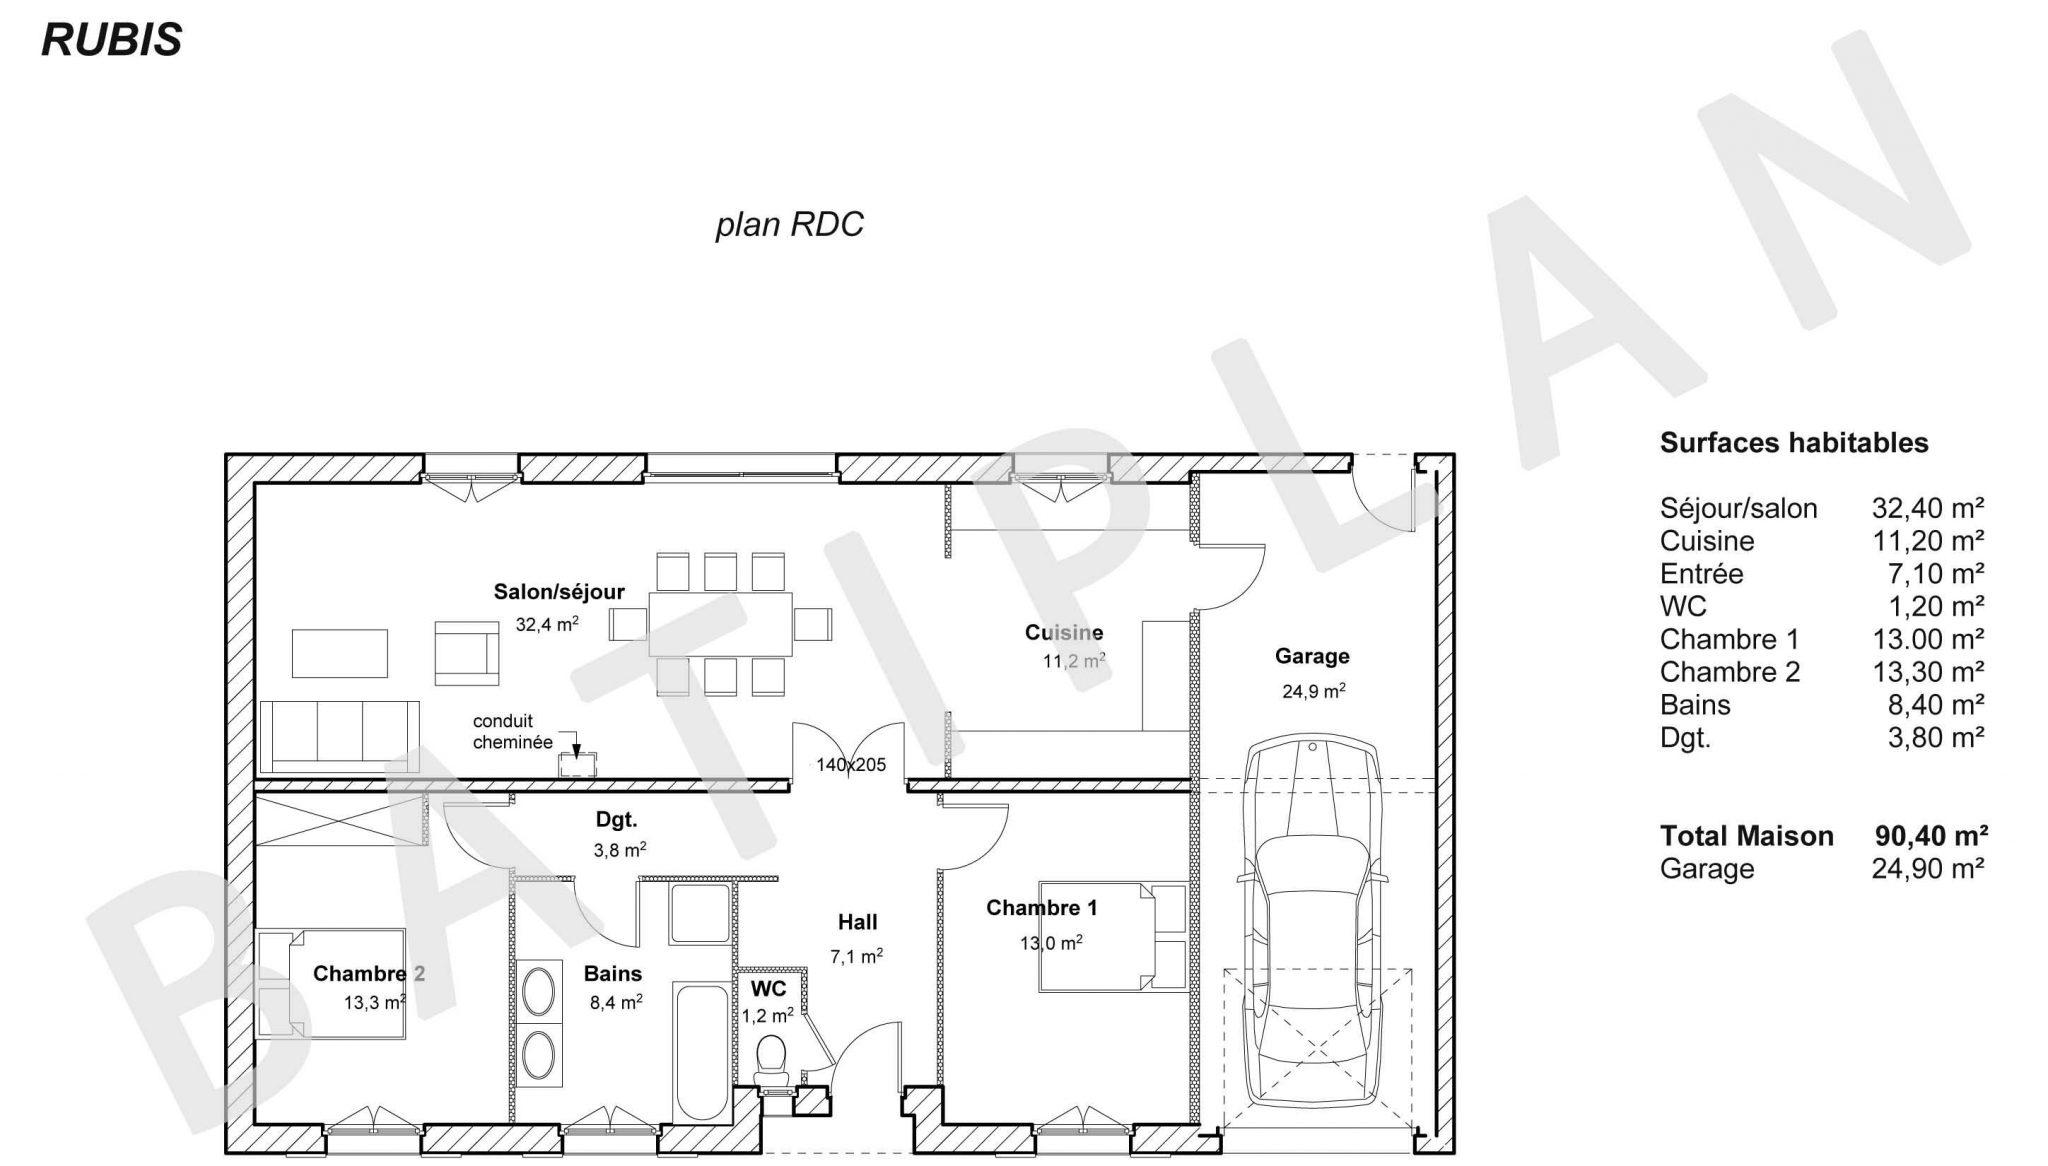 faire son plan de garage maison fran ois fabie. Black Bedroom Furniture Sets. Home Design Ideas